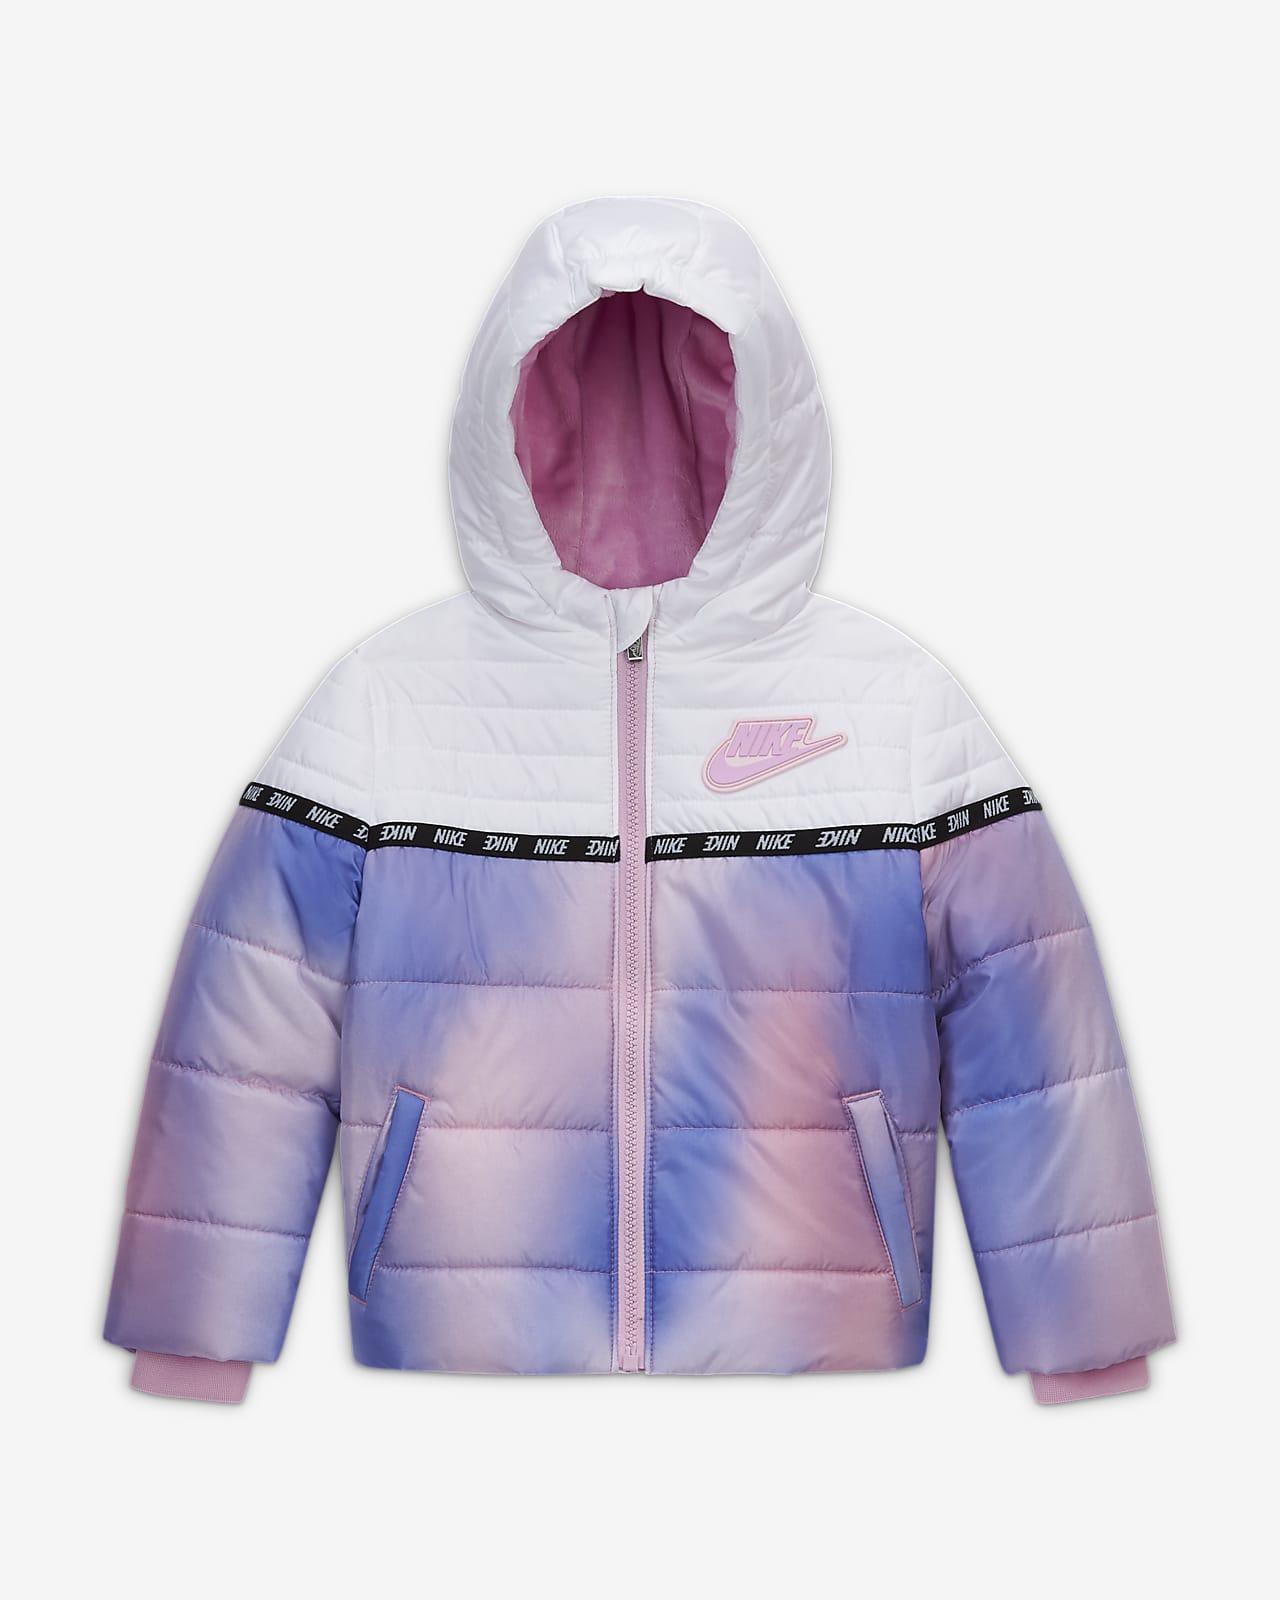 Nike Toddler Puffer Jacket